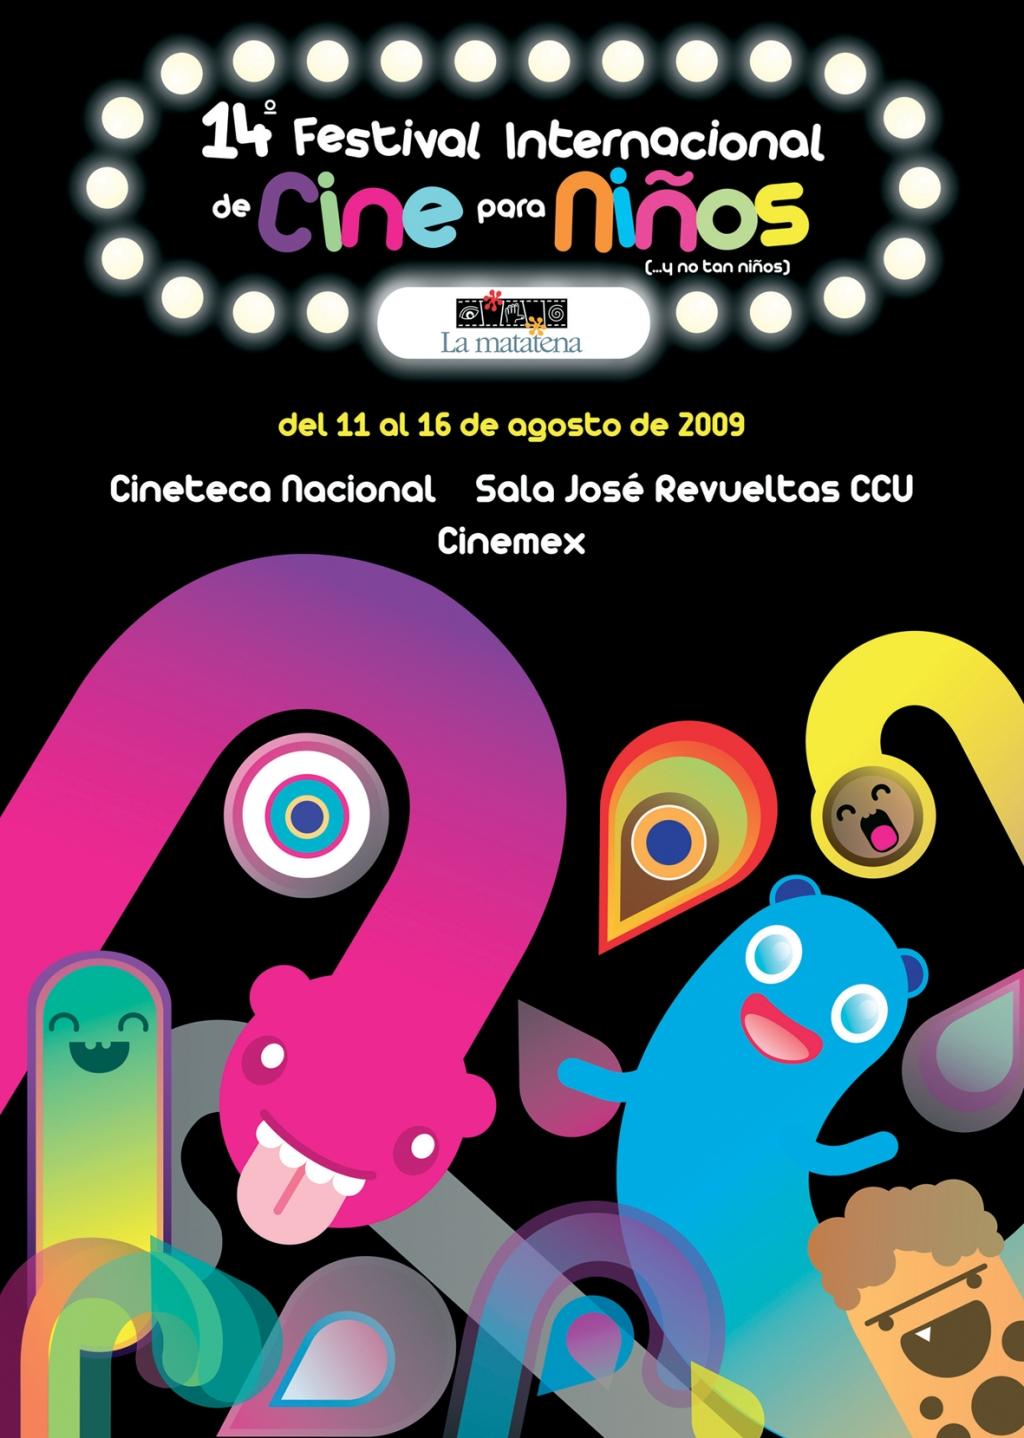 Cartel del 14° Festival Internacional de Cine para Niños (...y no tan Niños)